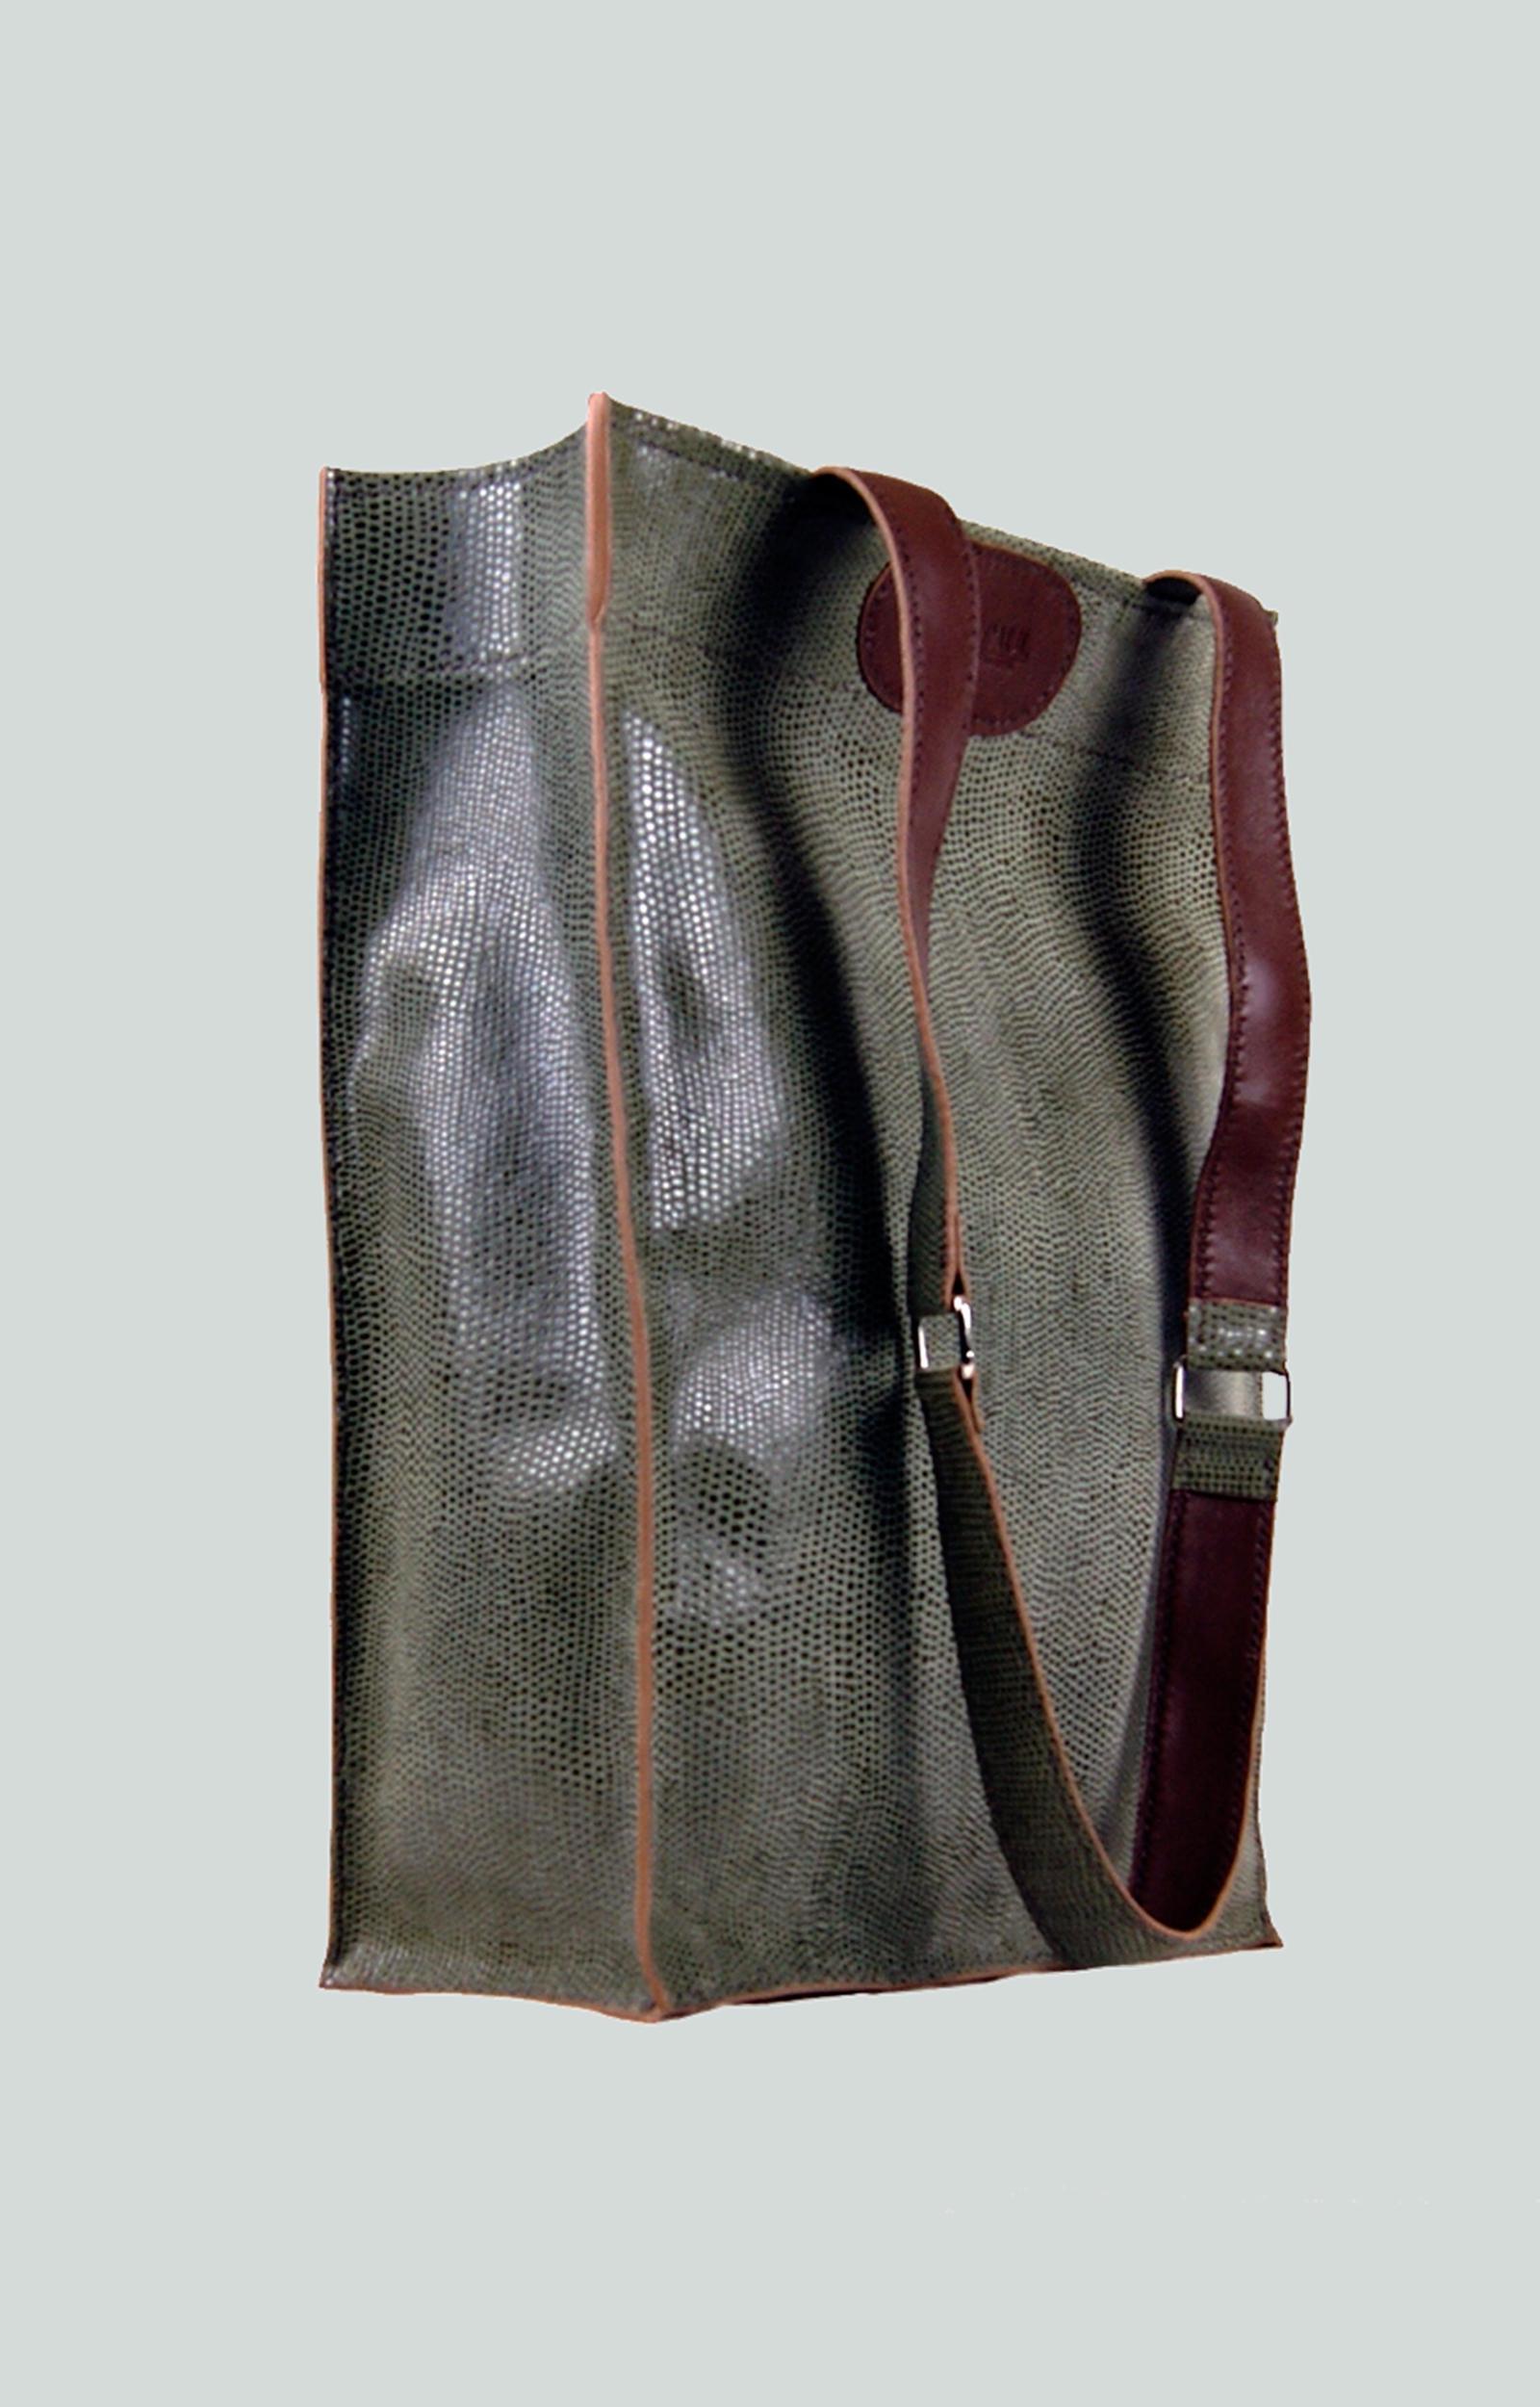 KAMET 2.0 sac shopping en cuir de veau vert façon reptile